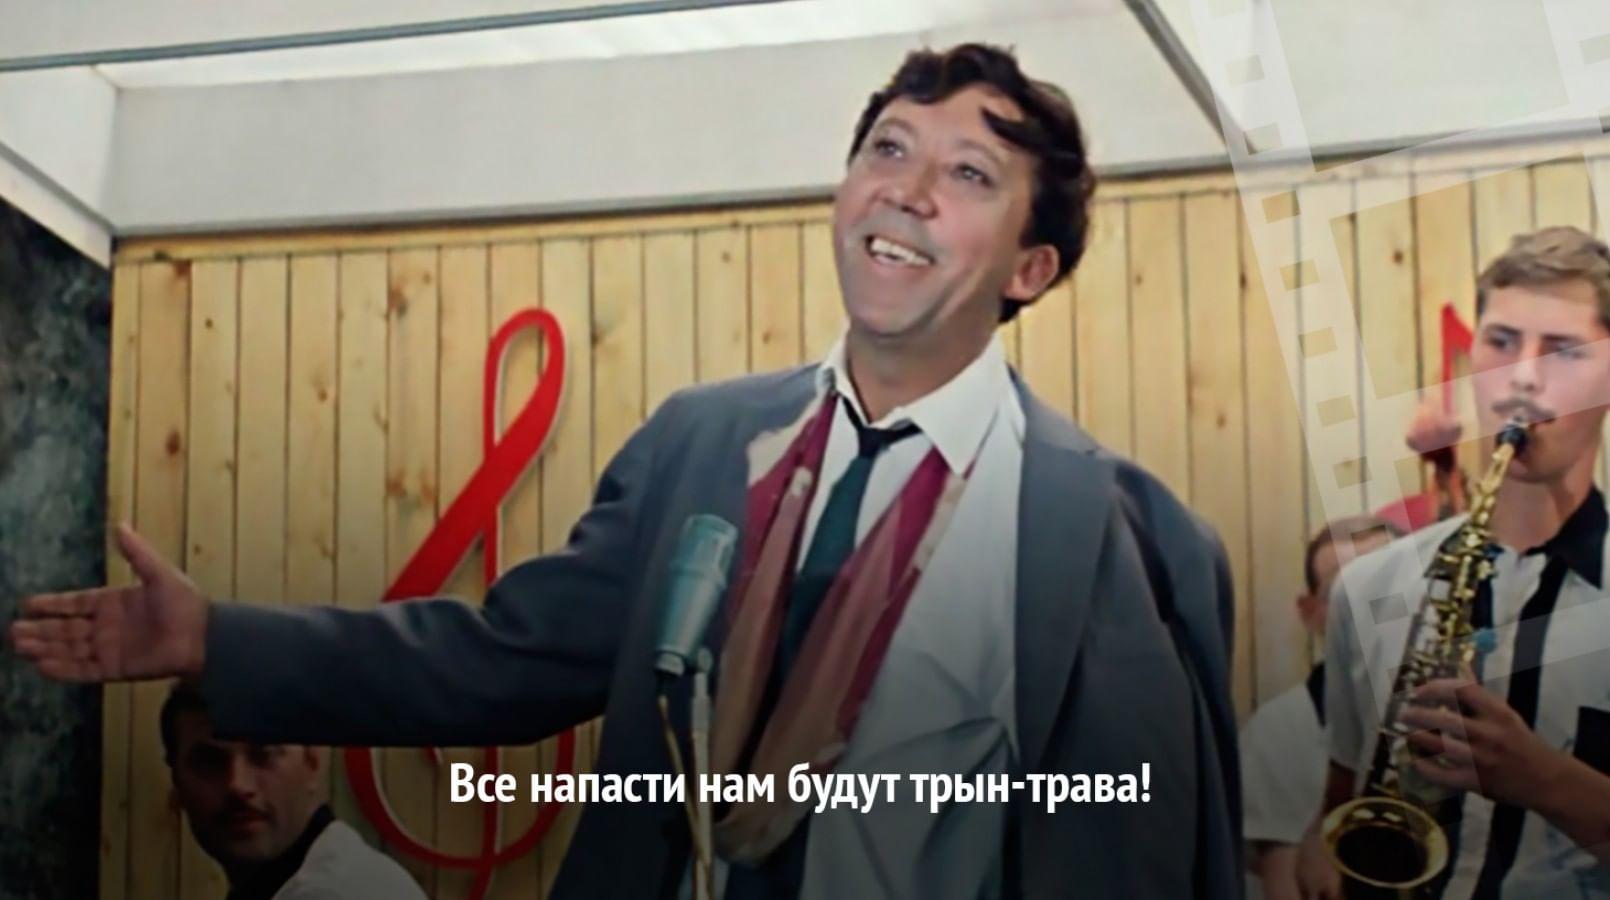 Пойти в караоке и спеть песню, как Юрий Никулин в фильме «Бриллиантовая рука».